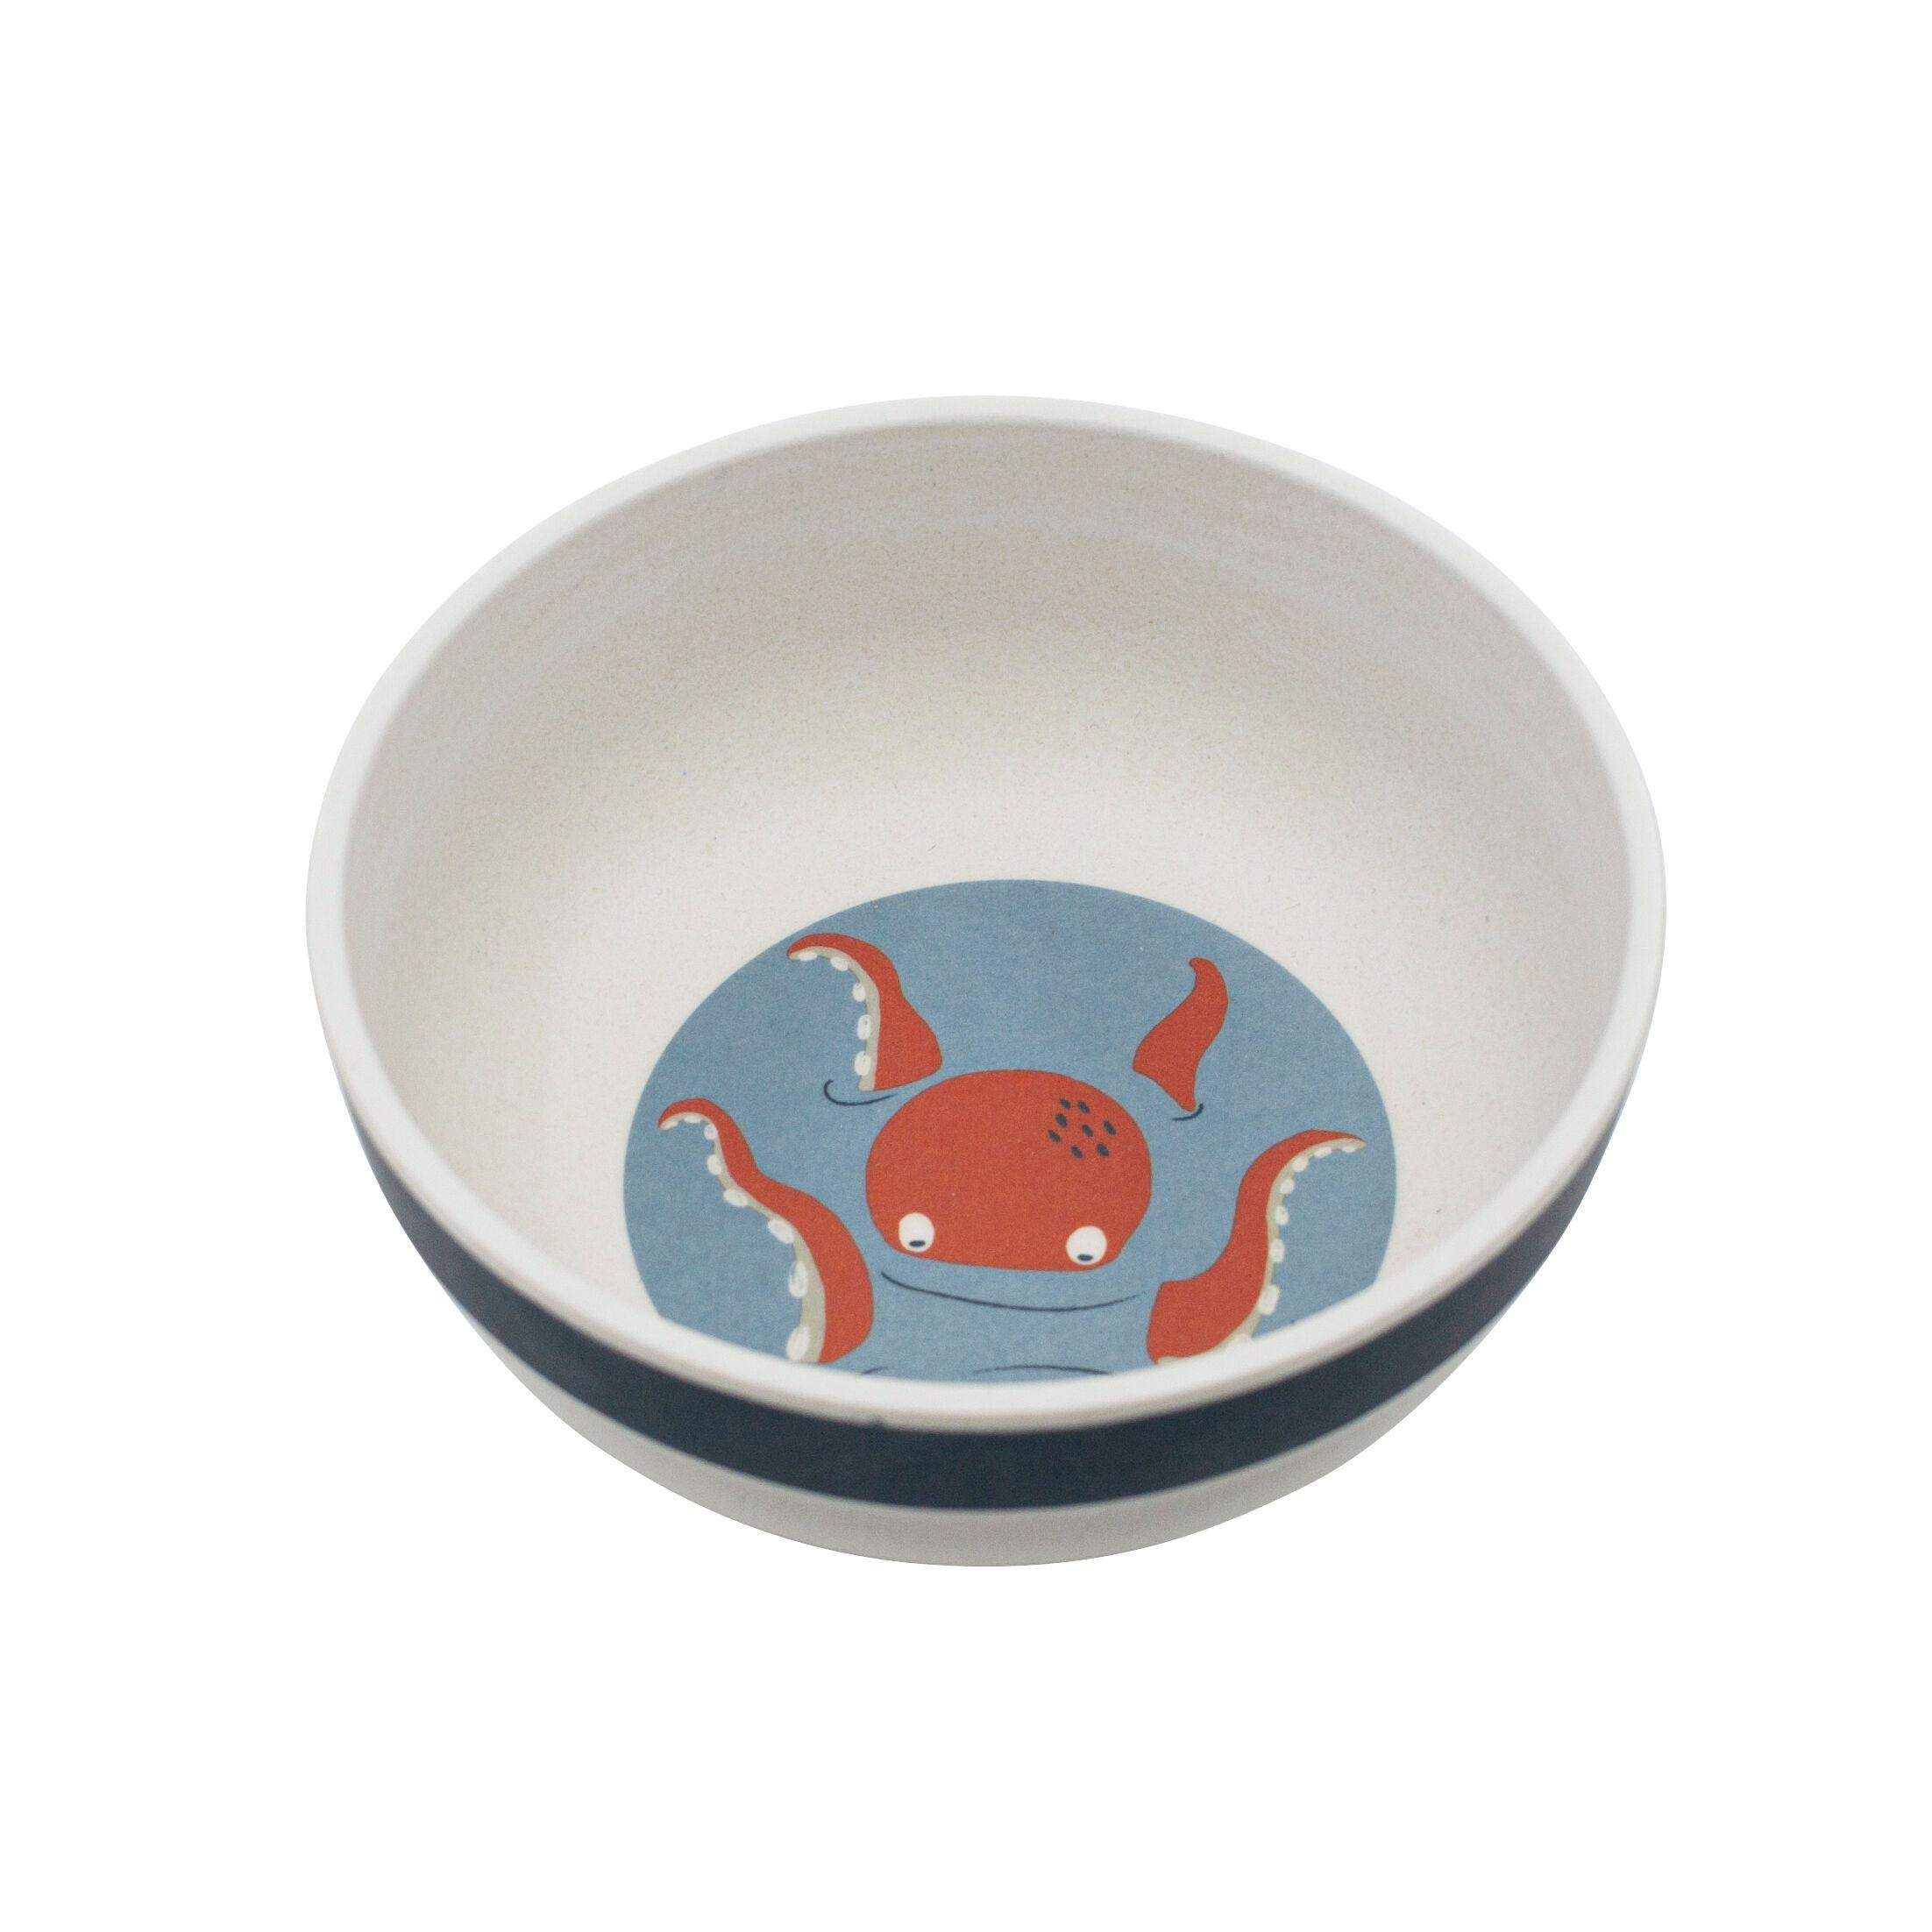 Sebra dyp tallerken til barn, seven seas